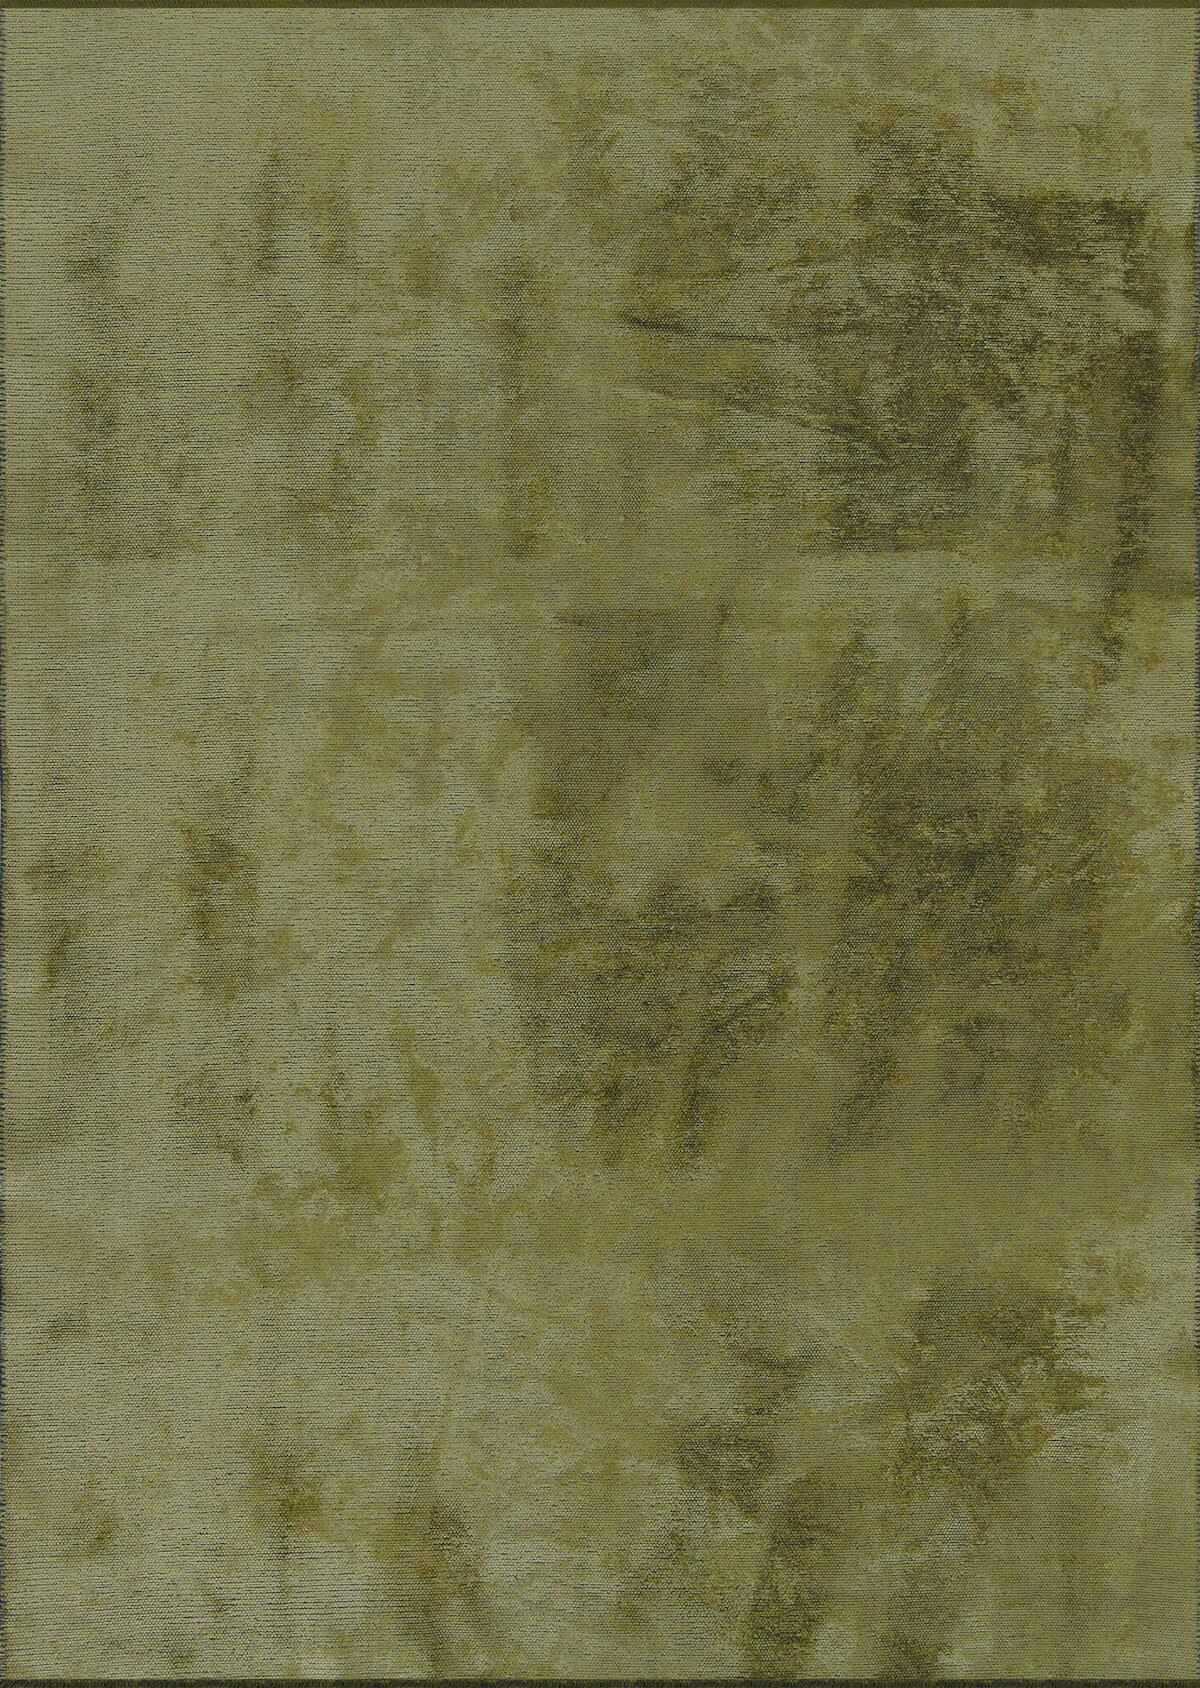 PALERMO KİLİM 5407 YEŞİL Mutfak Kilim Dekoratif Kilim